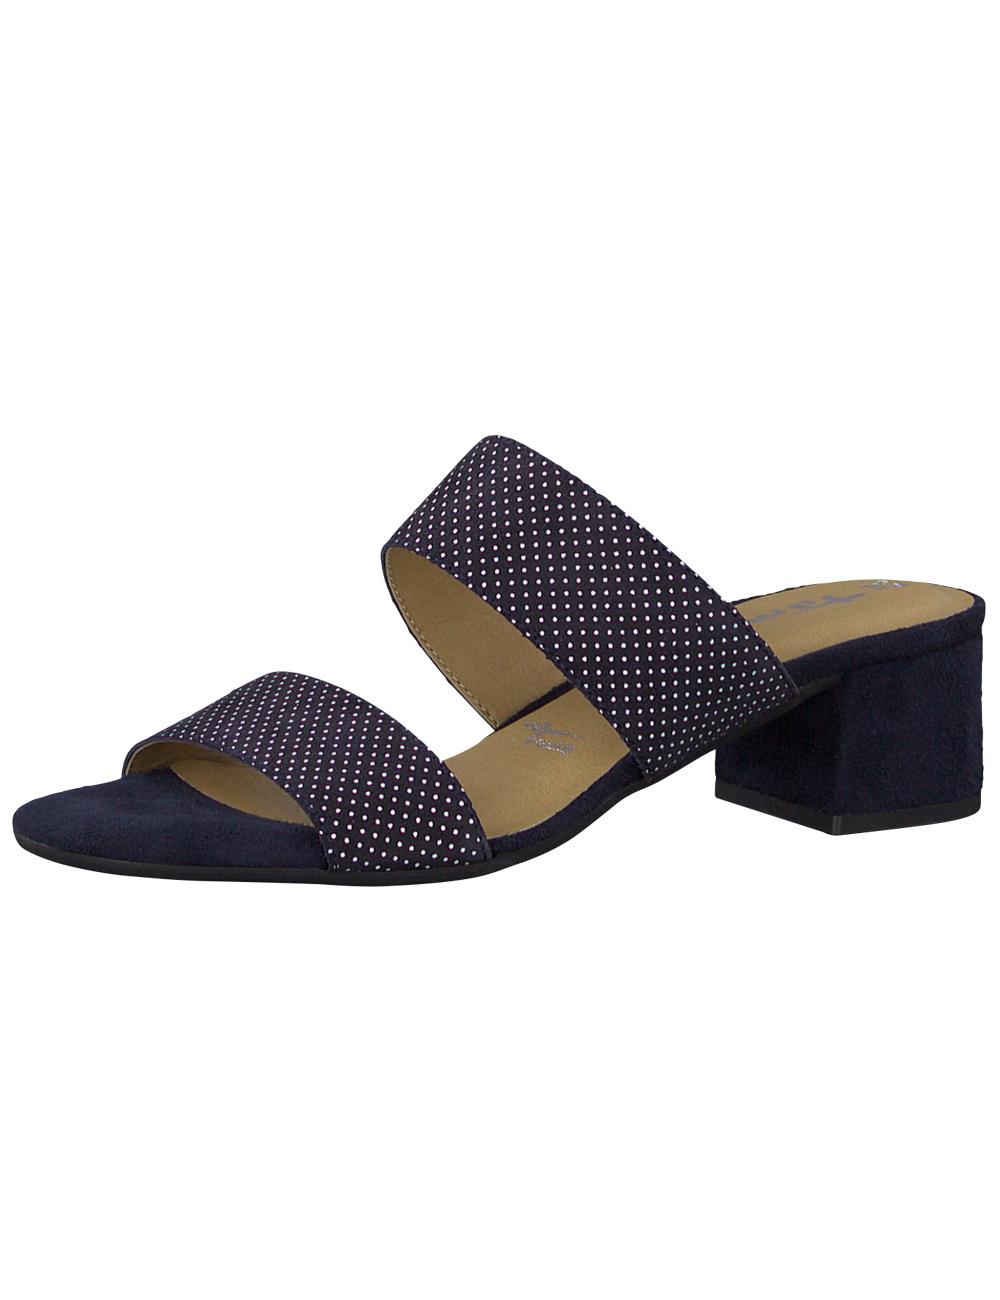 limited guantity new photos price reduced Sandaletten aus Leder mit Absatz von Tamaris, marine gepunktet